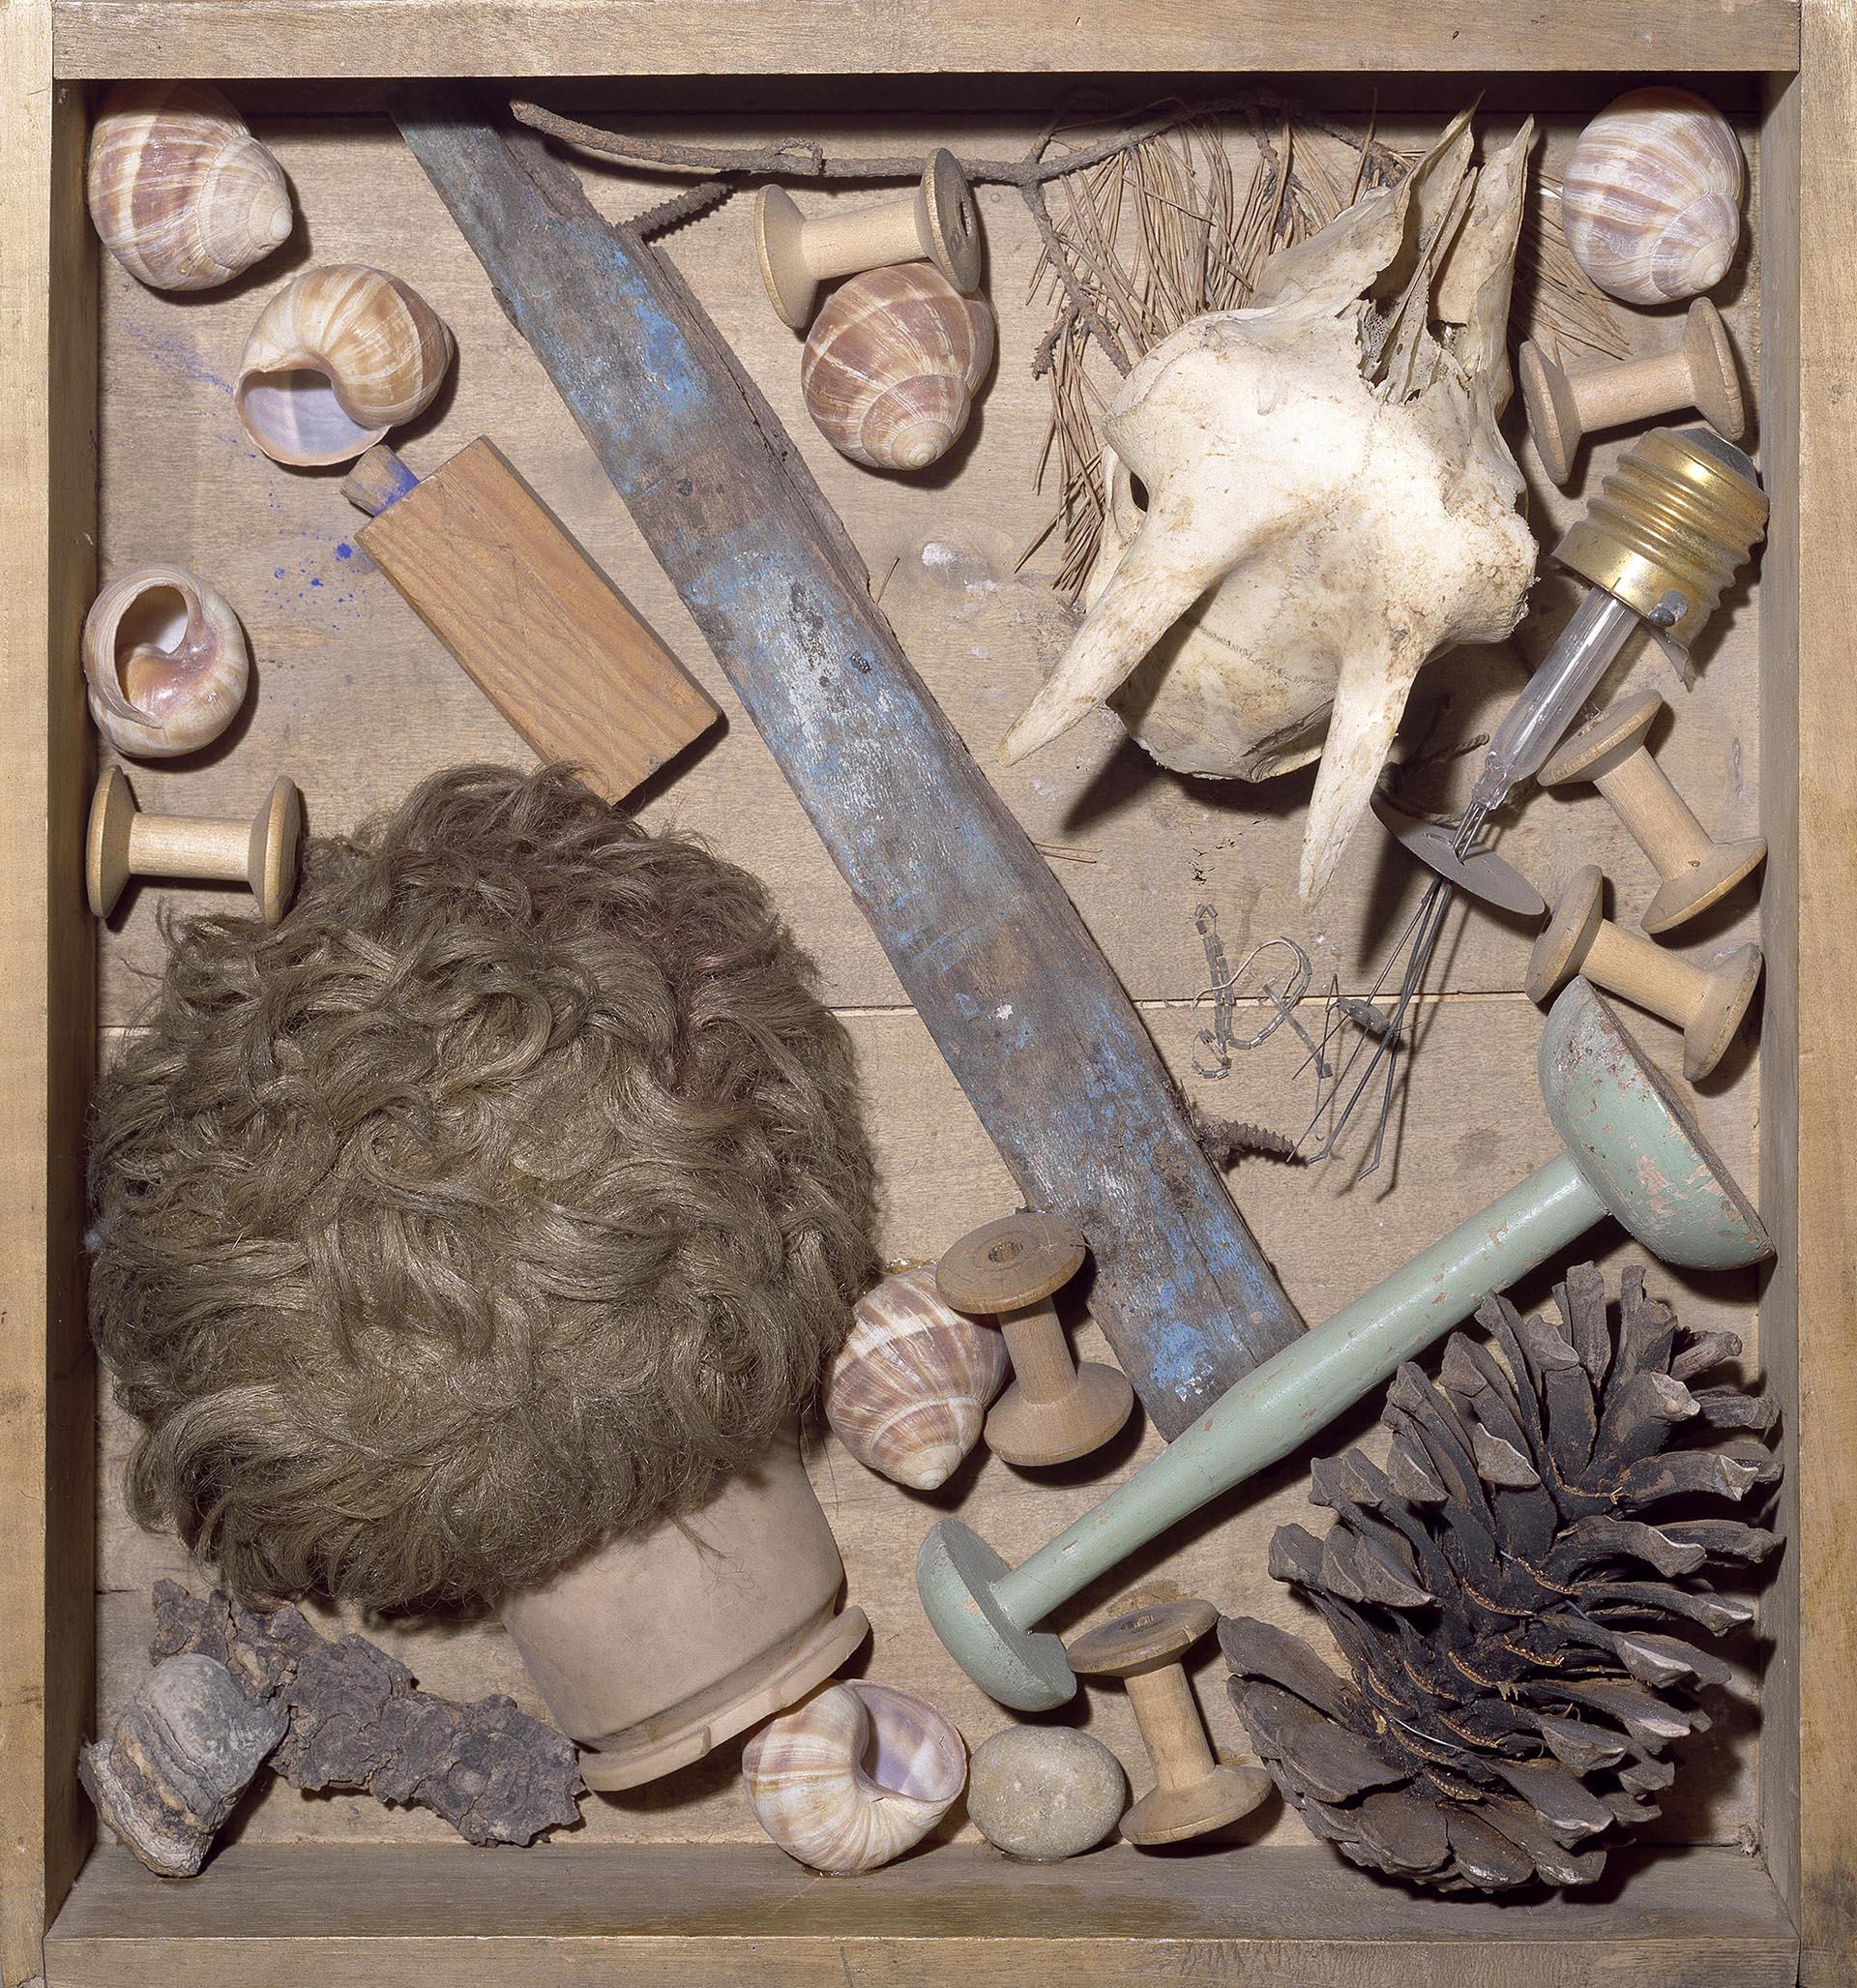 Spoerri, Le tableau de Yves Klein, 1982, 46x42.5x13 cm